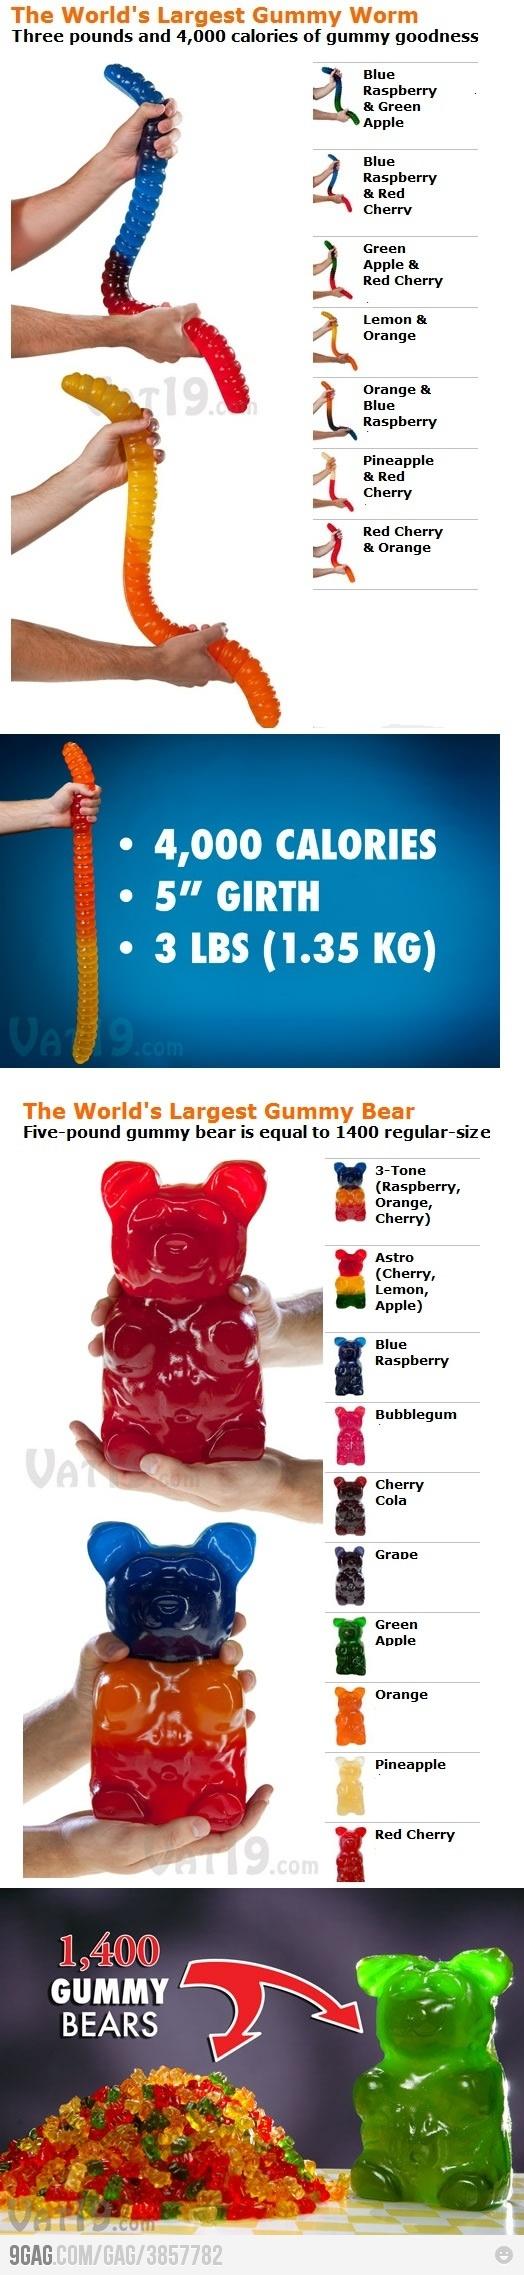 world's largest gummy worm!